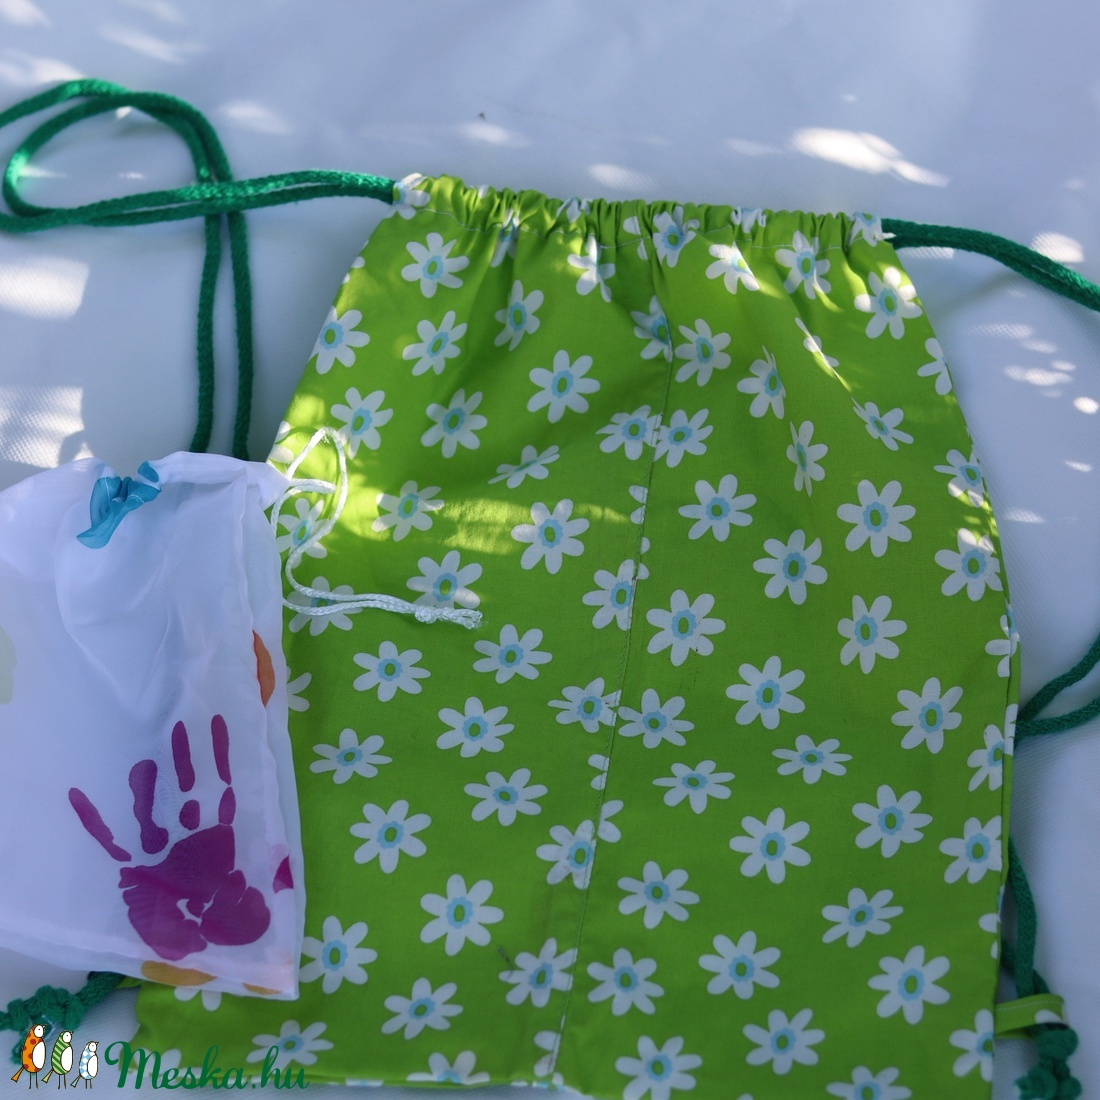 Focilabdás tornazsák, hátizsák ajándék szütyővel - ovi- és sulikezdés - tornazsák, gymbag - Meska.hu